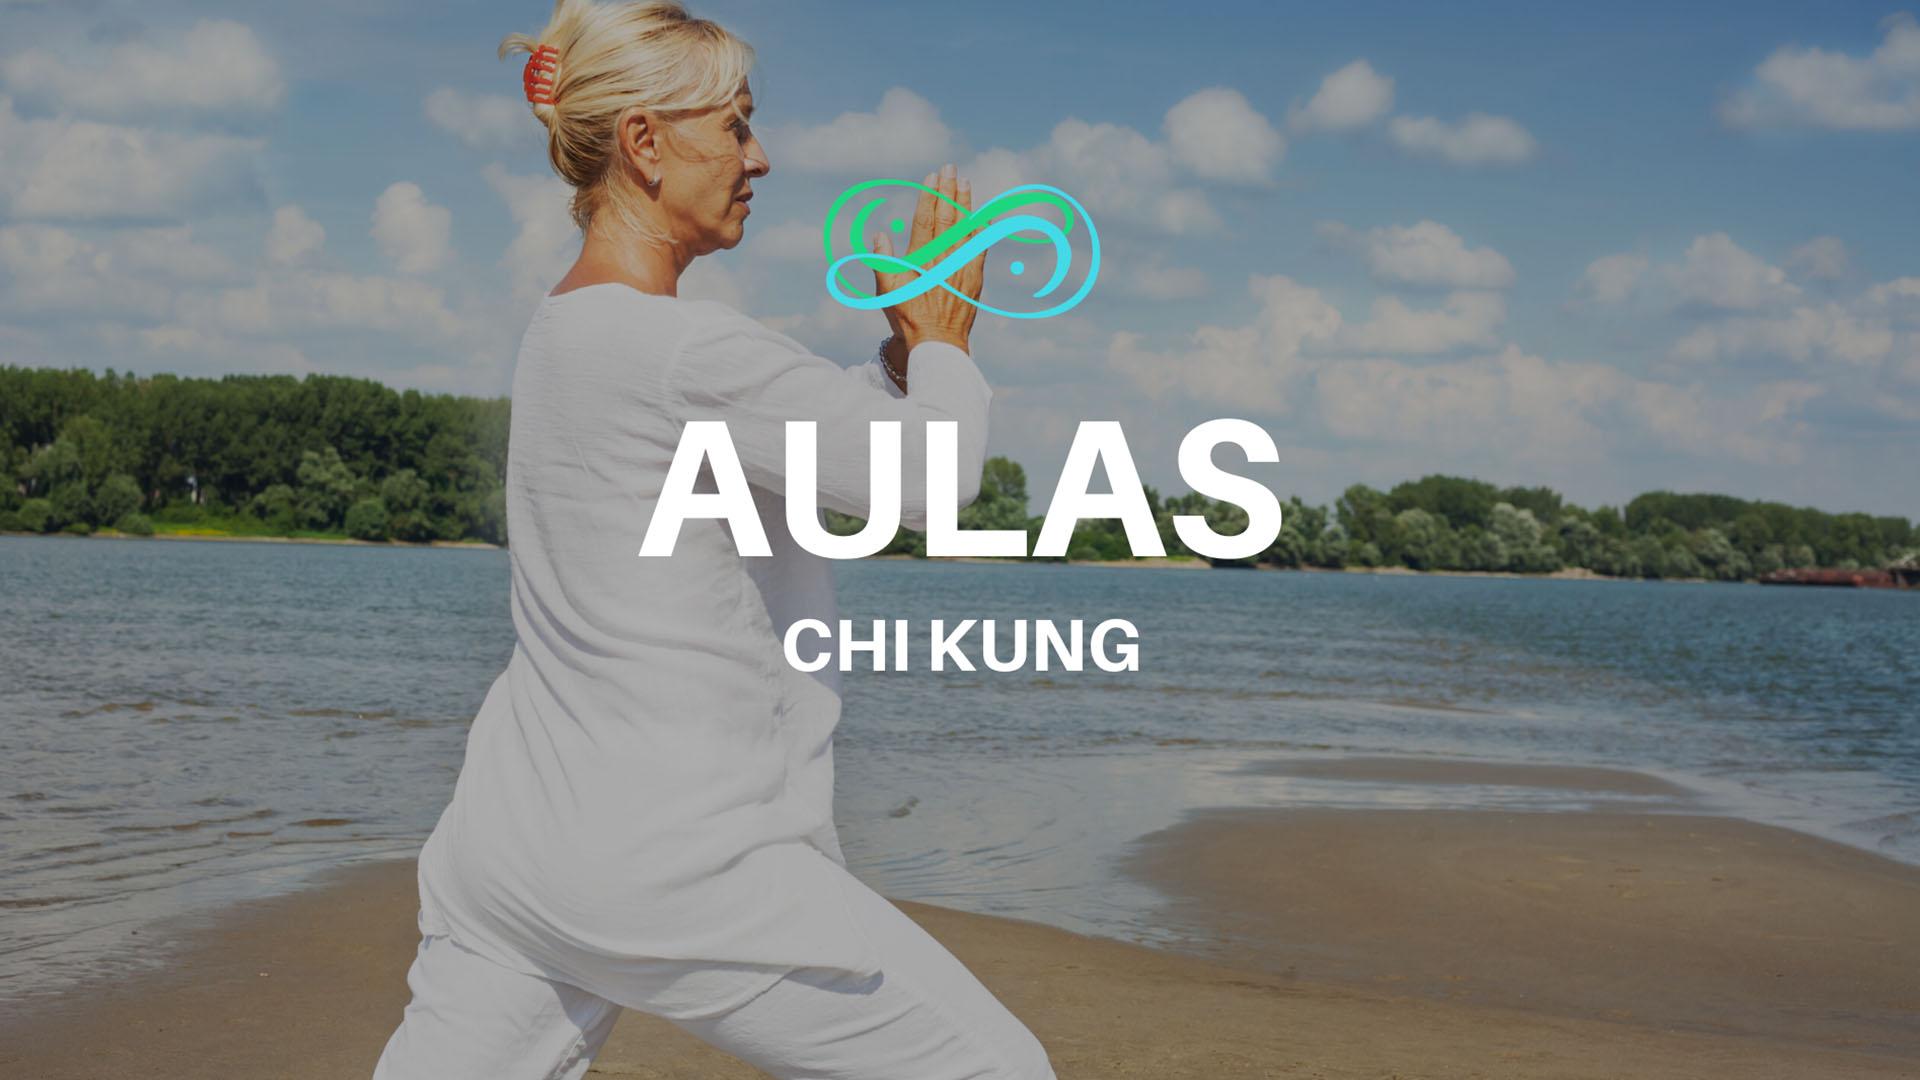 Aulas Chi kung